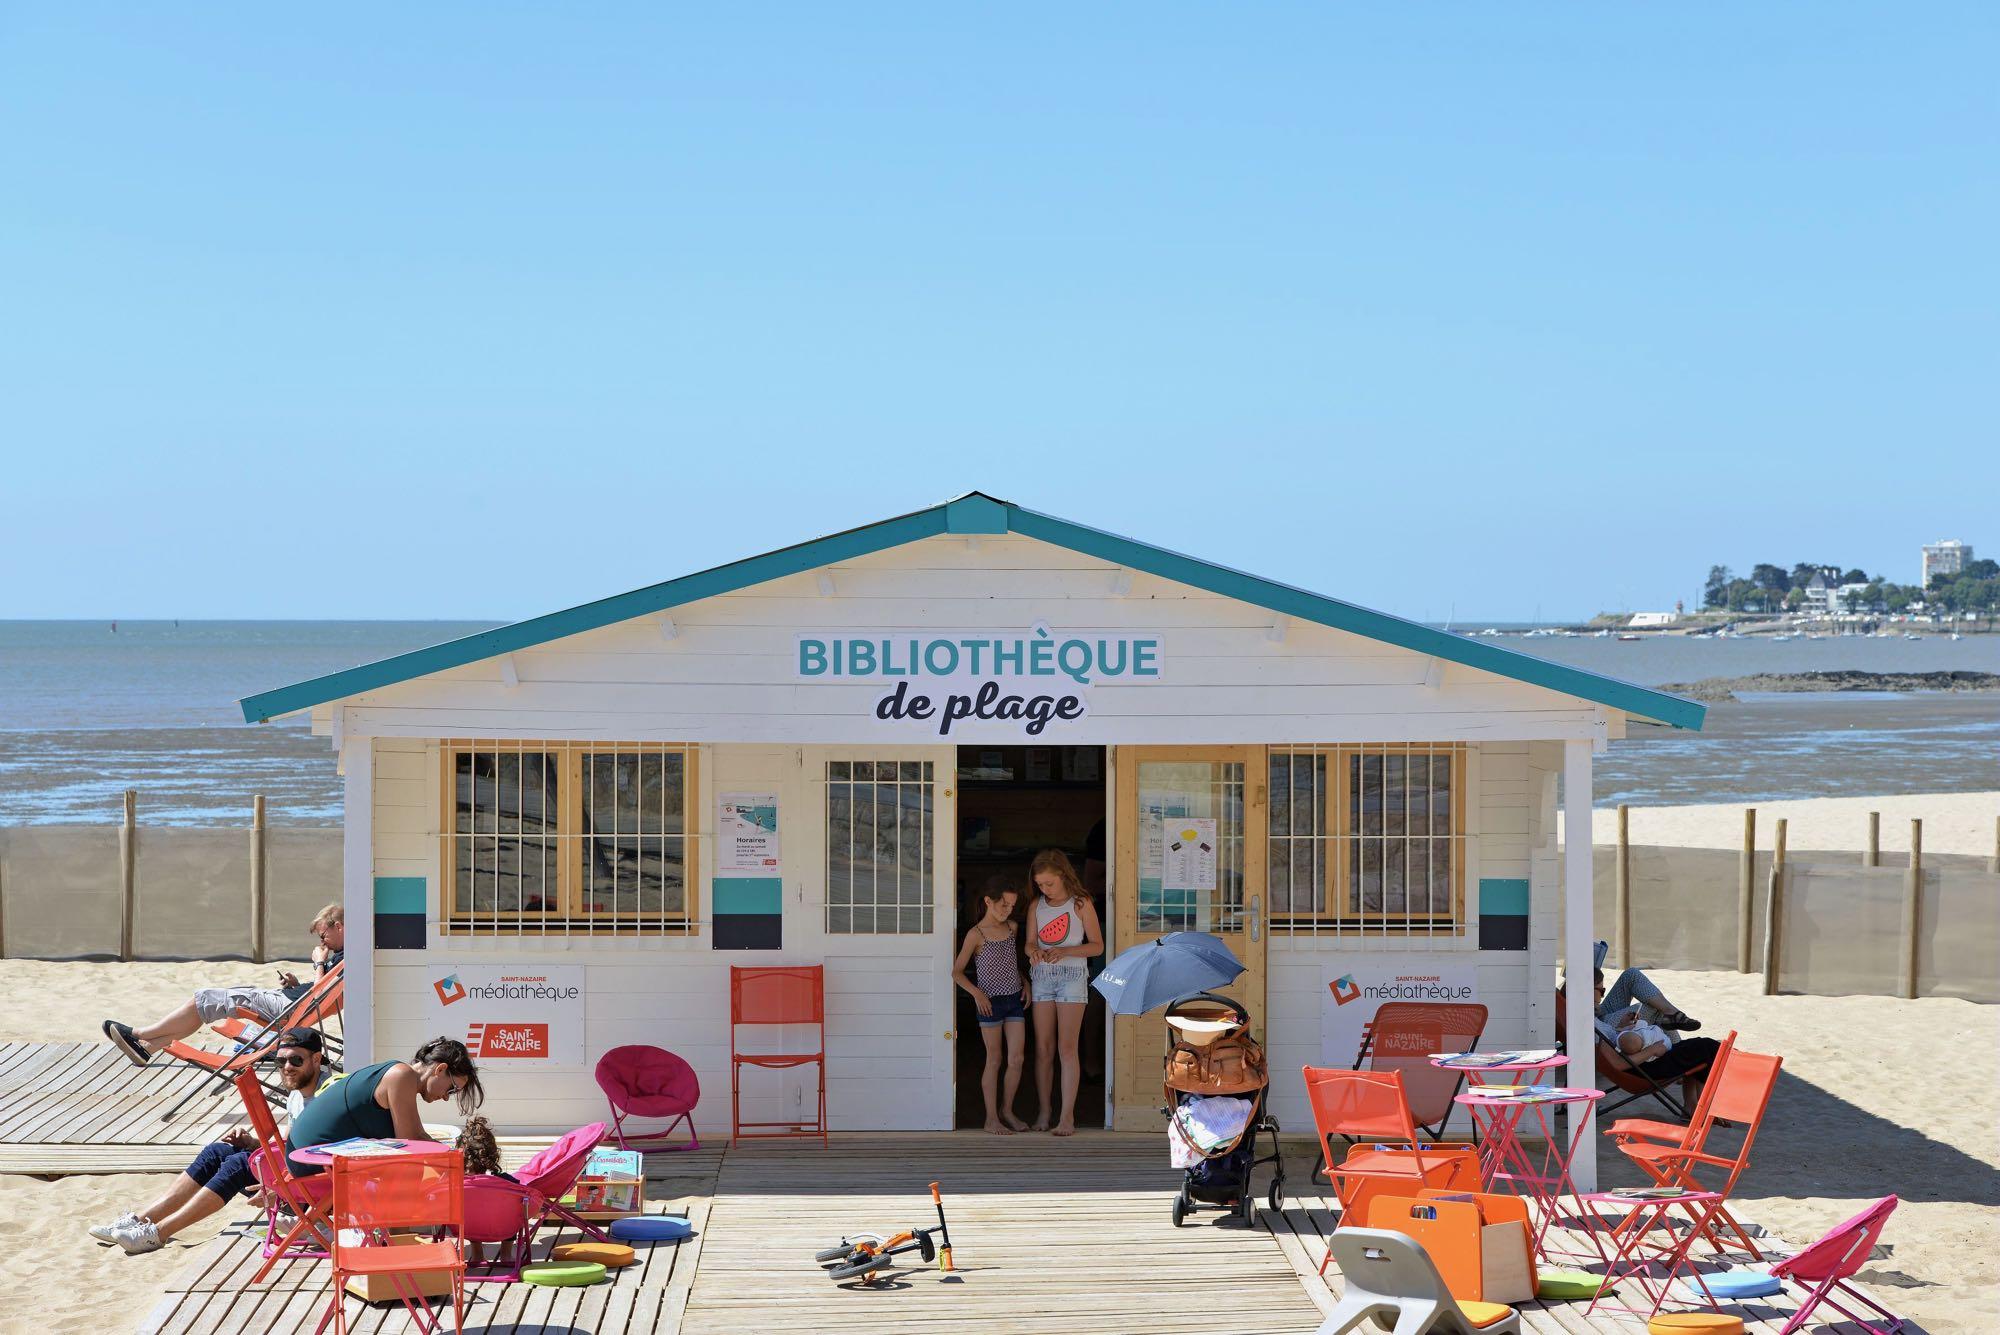 Cet été, près de 5000 personnes ont fréquenté la bibliothèque de plage installée dans le cadre des animations de Saint-Nazaire côté plages.